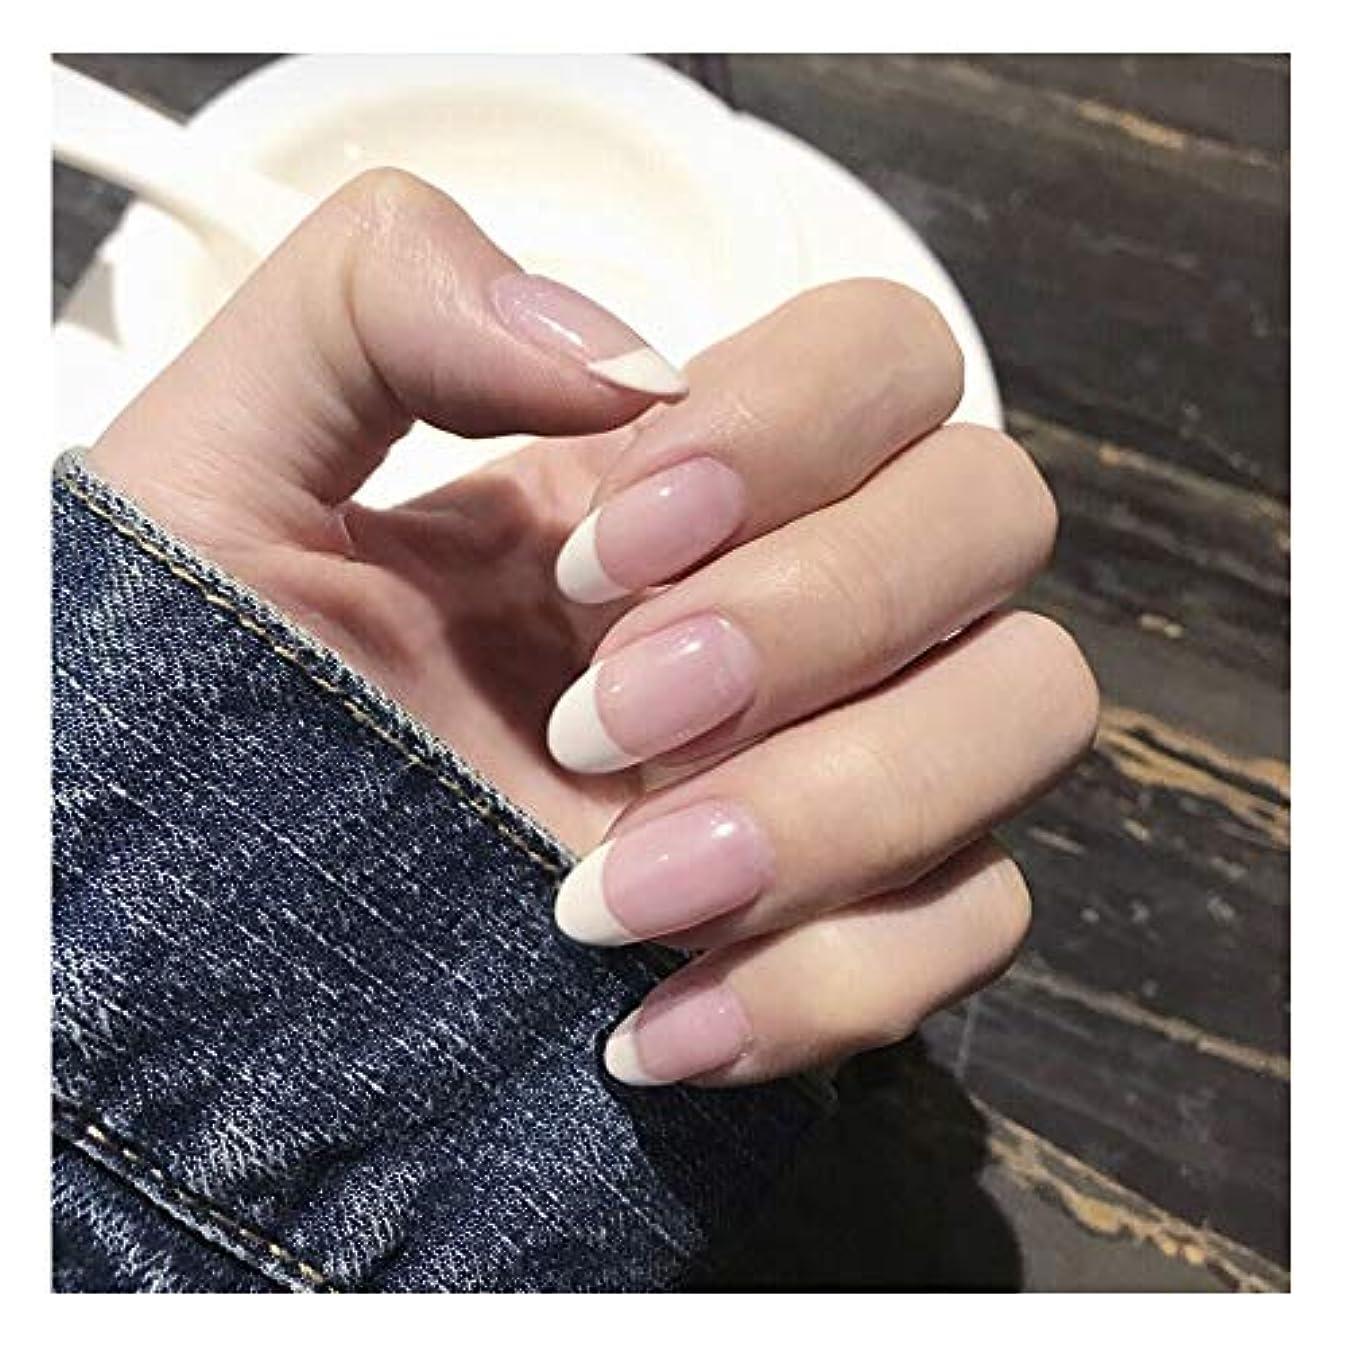 ロマンチック言及する時間とともにLVUITTON 透明ピンク+ホワイト下部偽爪ロングネイルズグルー完成ネイル偽爪を指摘しました (色 : 24 pieces)